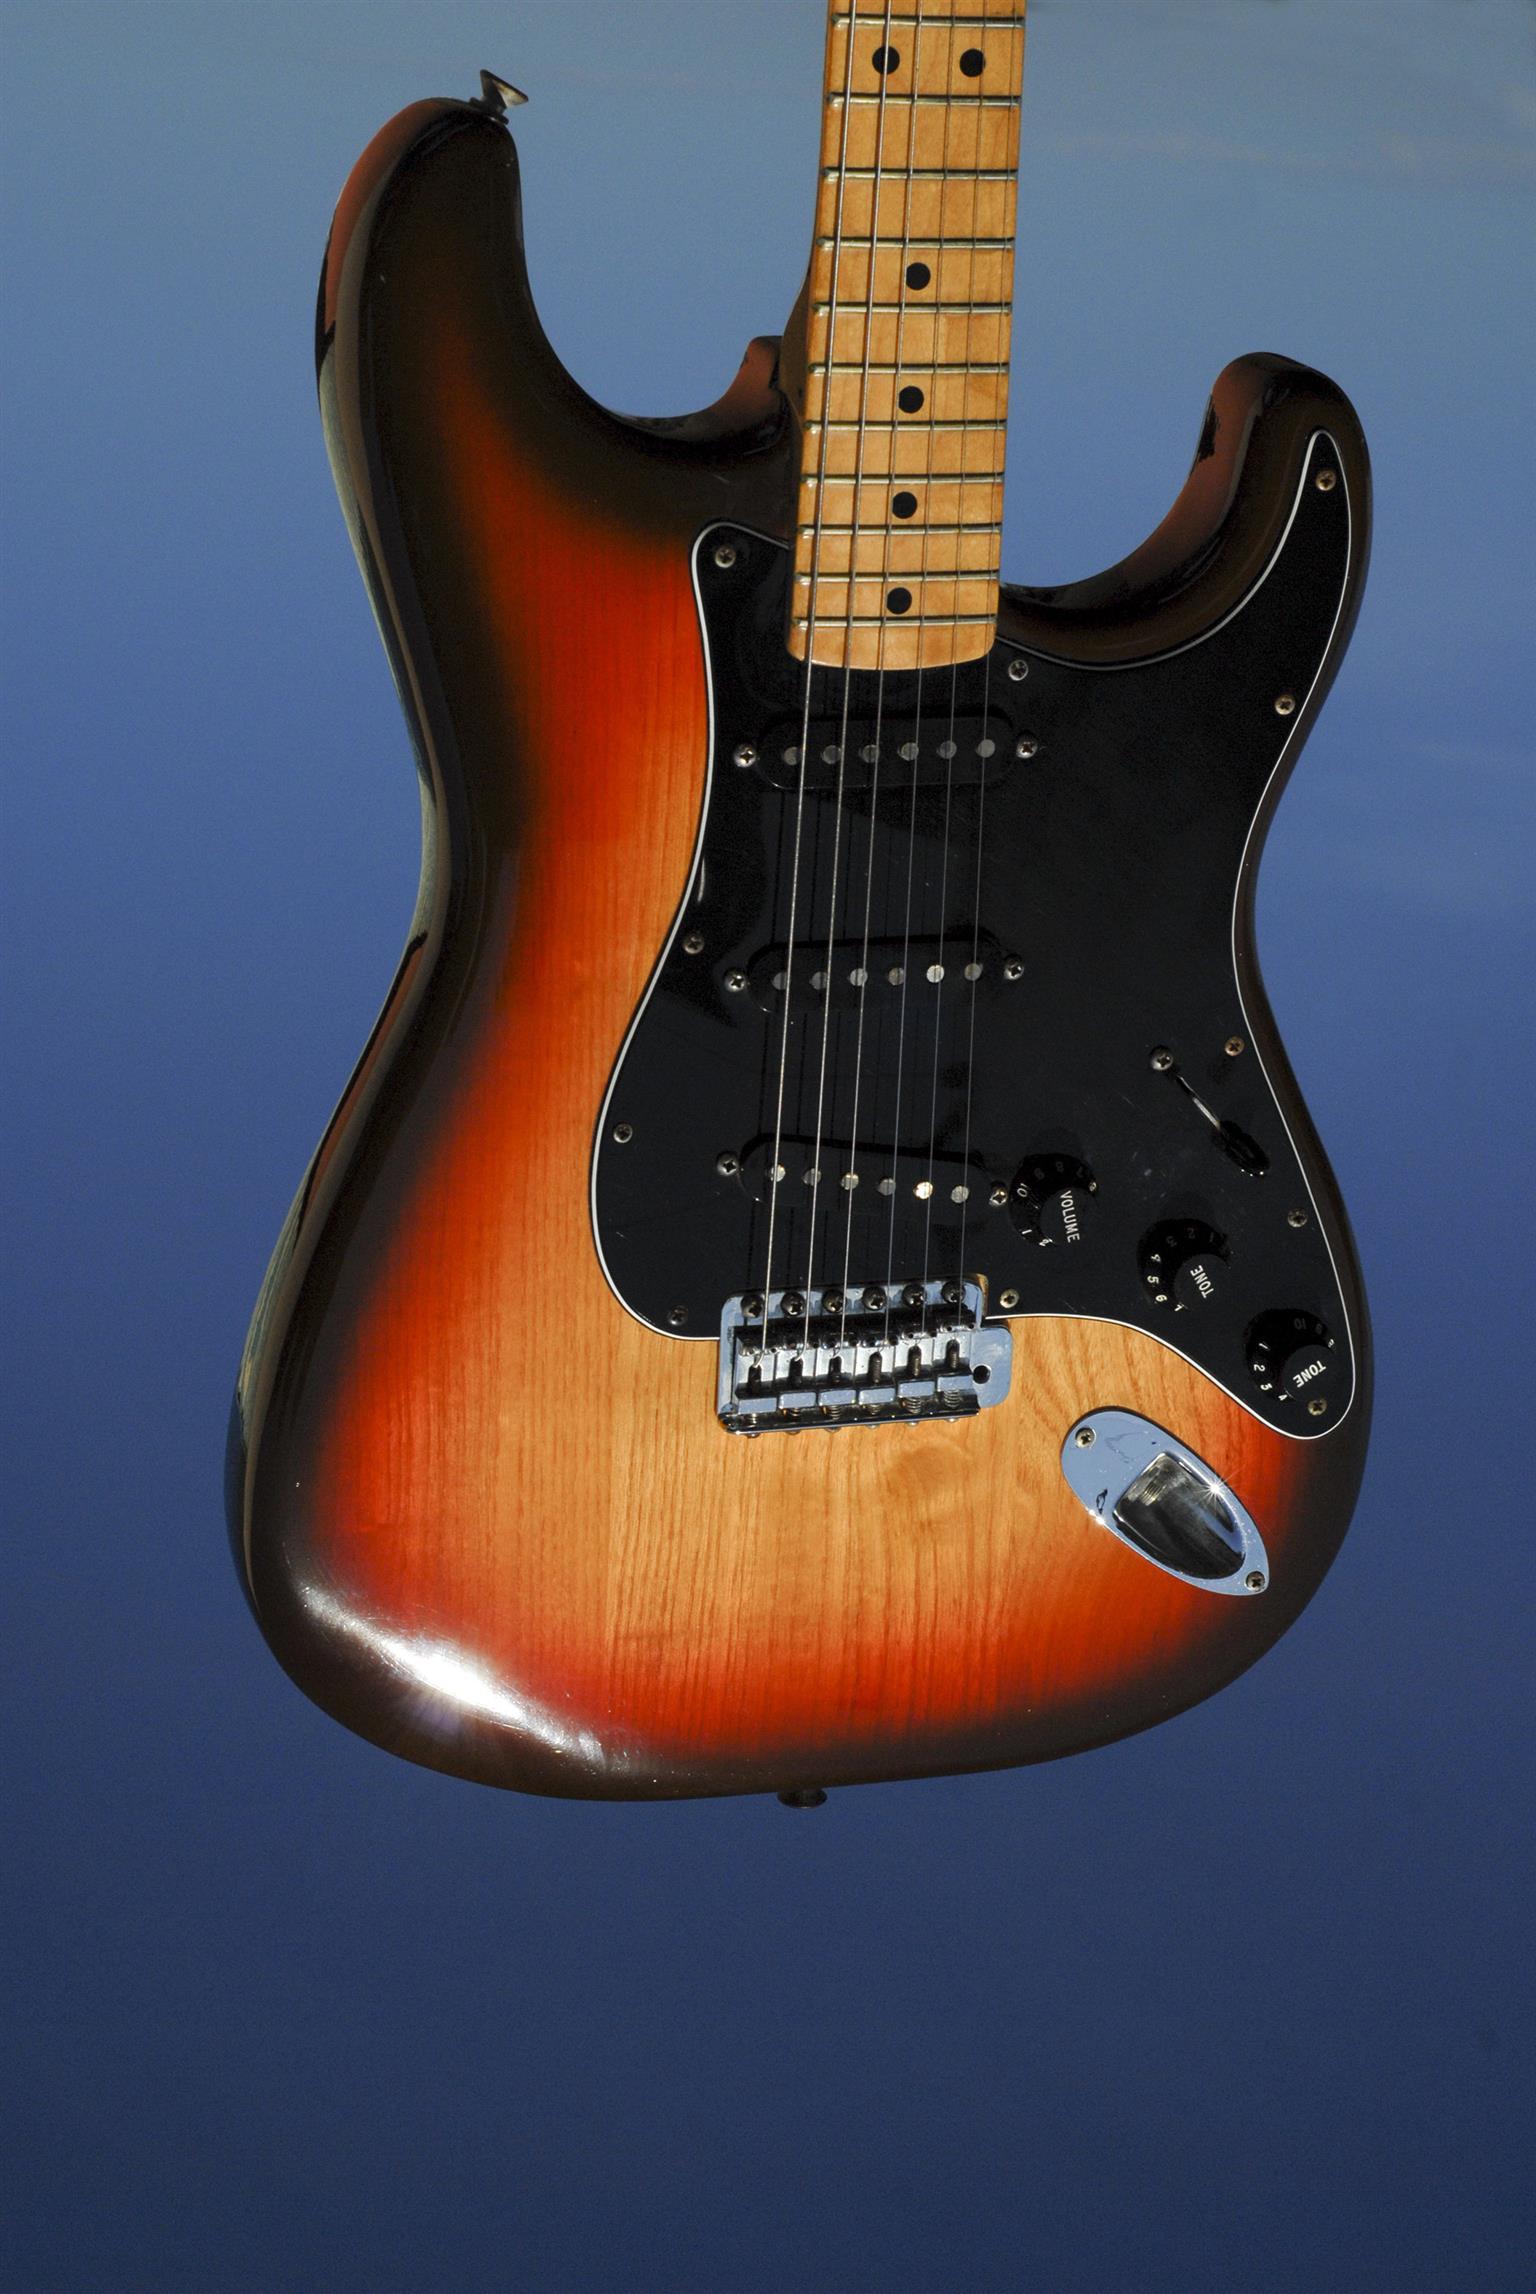 Fender Stratocaster USA - 1979